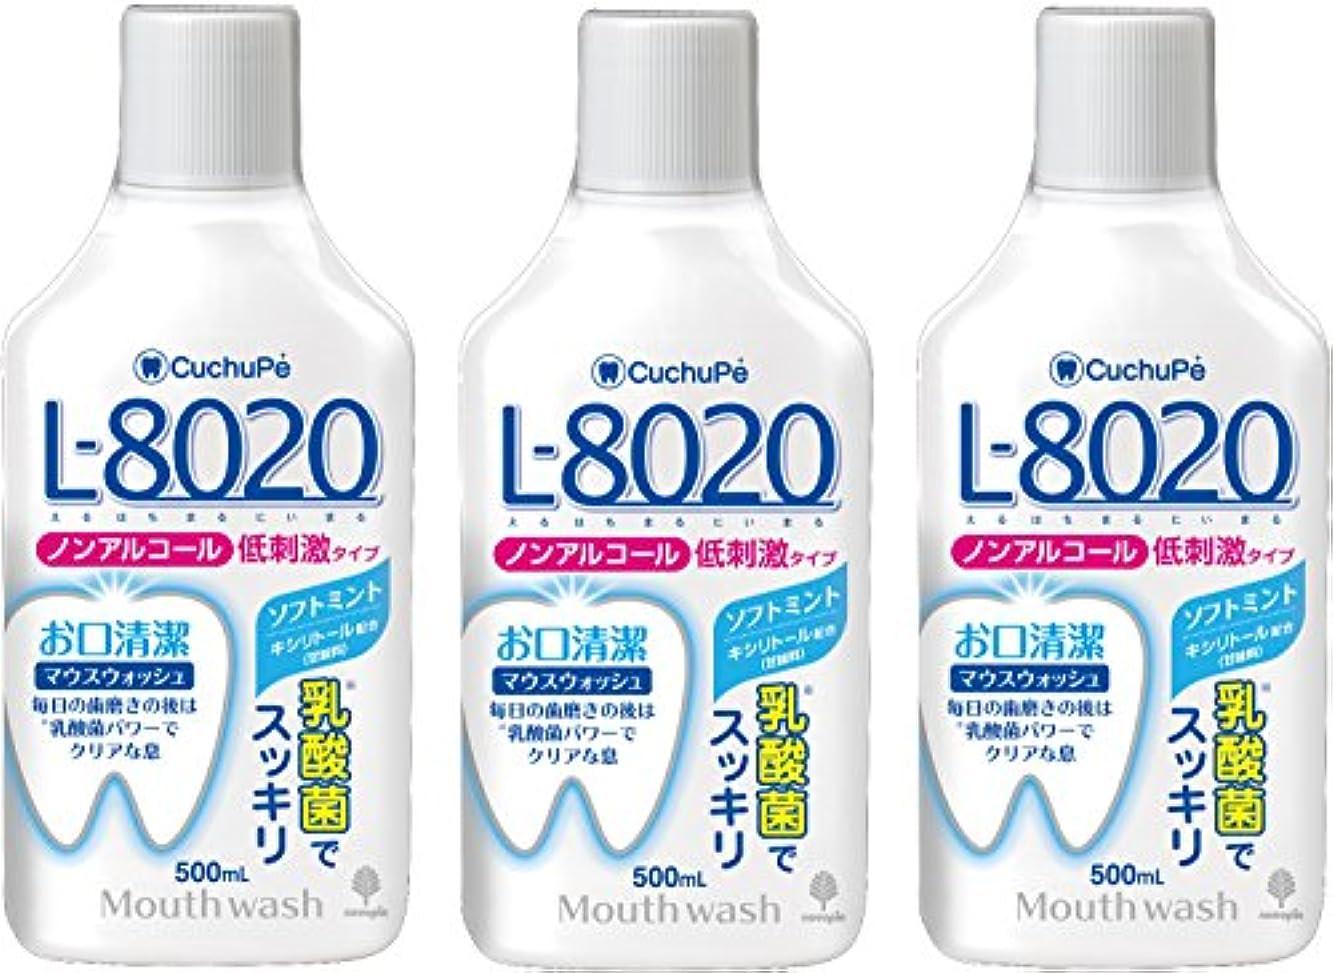 思想揮発性かわいらしい紀陽除虫菊 マウスウォッシュ クチュッペ L-8020 ノンアルコール ソフトミント 500ml 3個セット